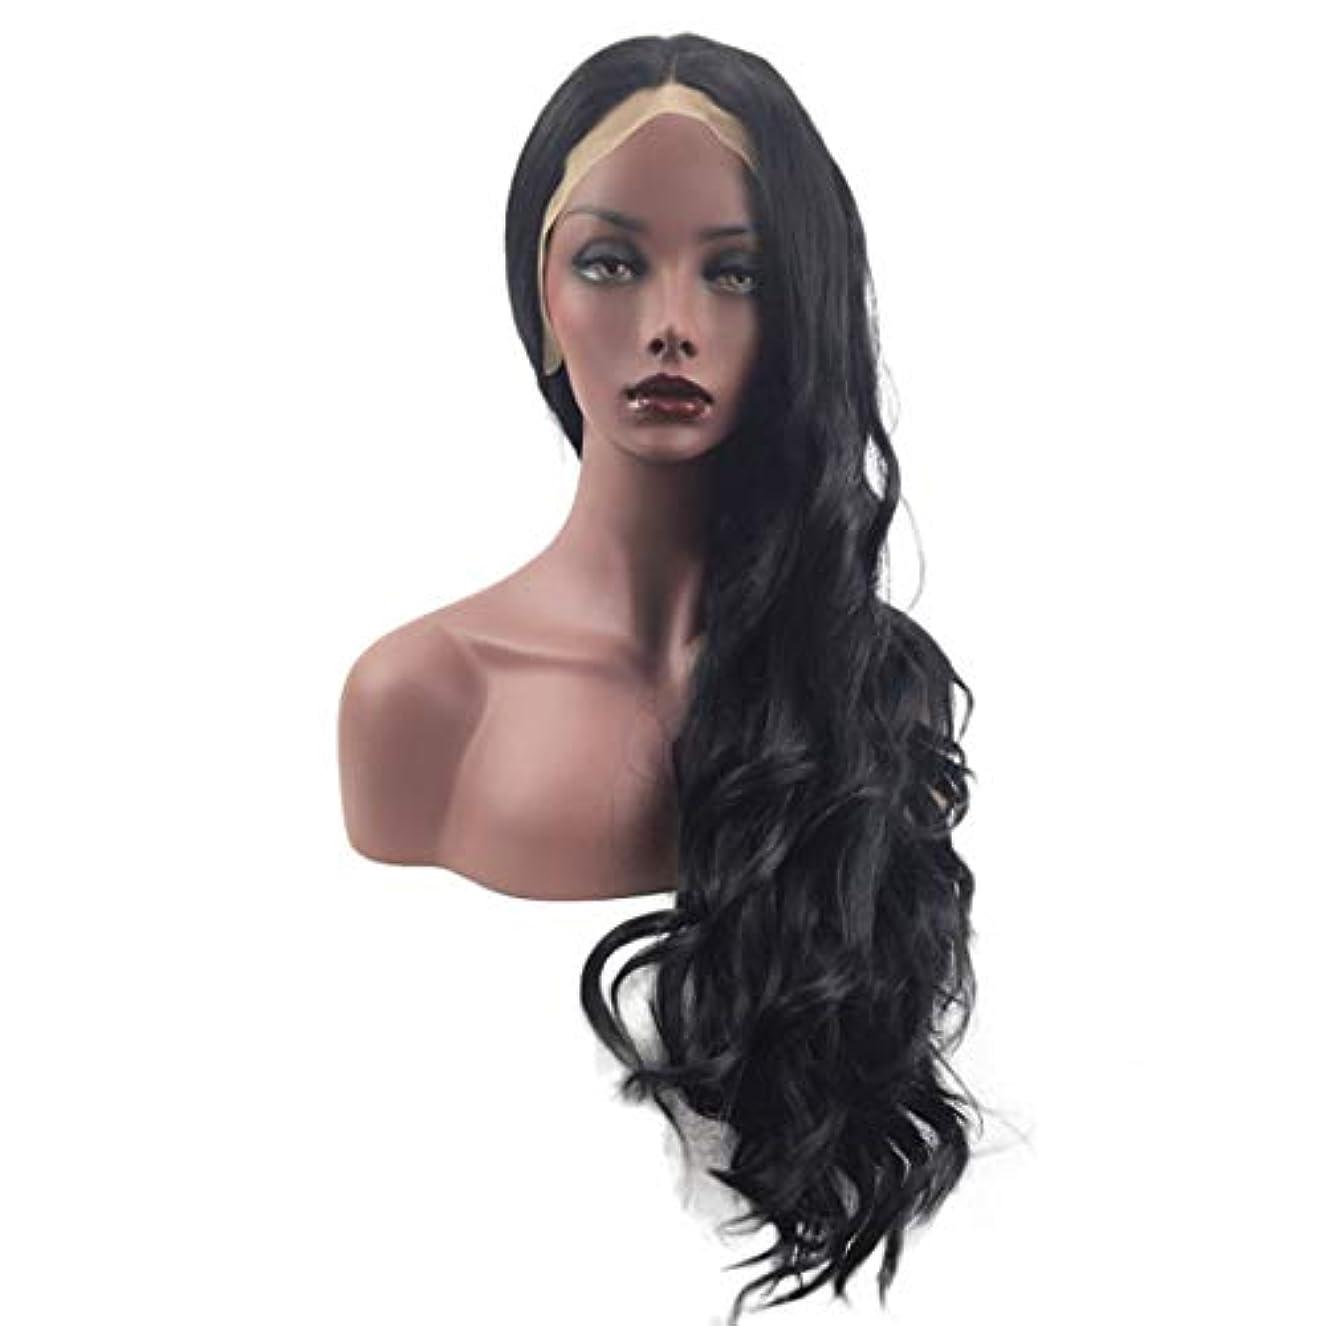 手書きバーマド解体するFuku つけ毛 自然な黒のかつら波状の長い髪のかつら女性のための前髪合成合成耐熱ウィッグなし (色 : 写真の通り)